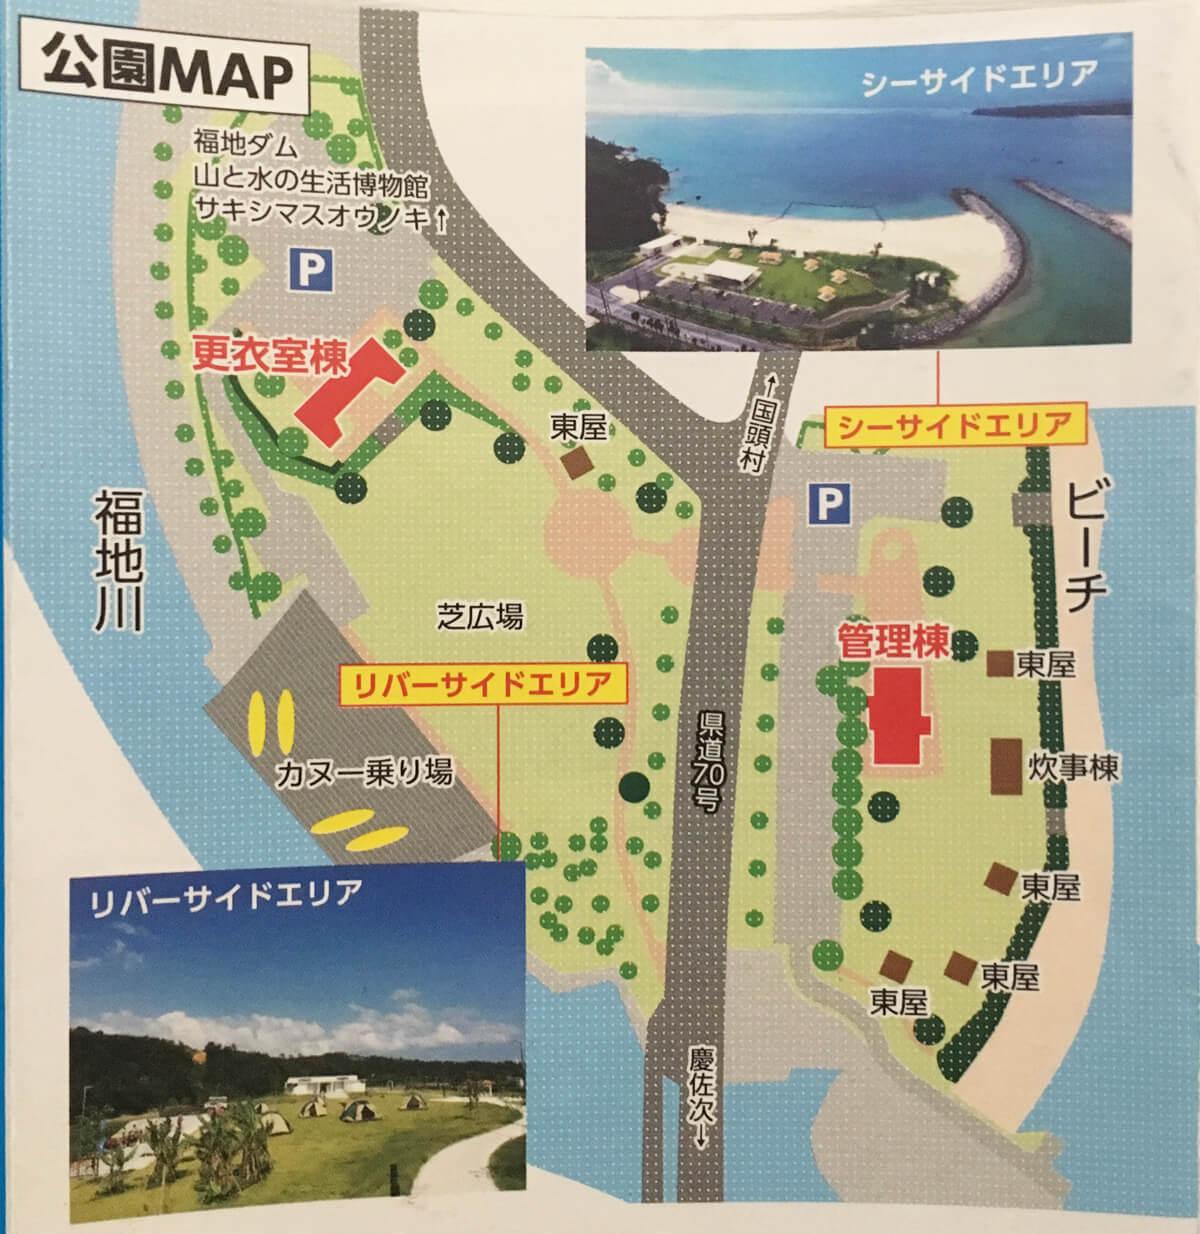 福地川公園マップ